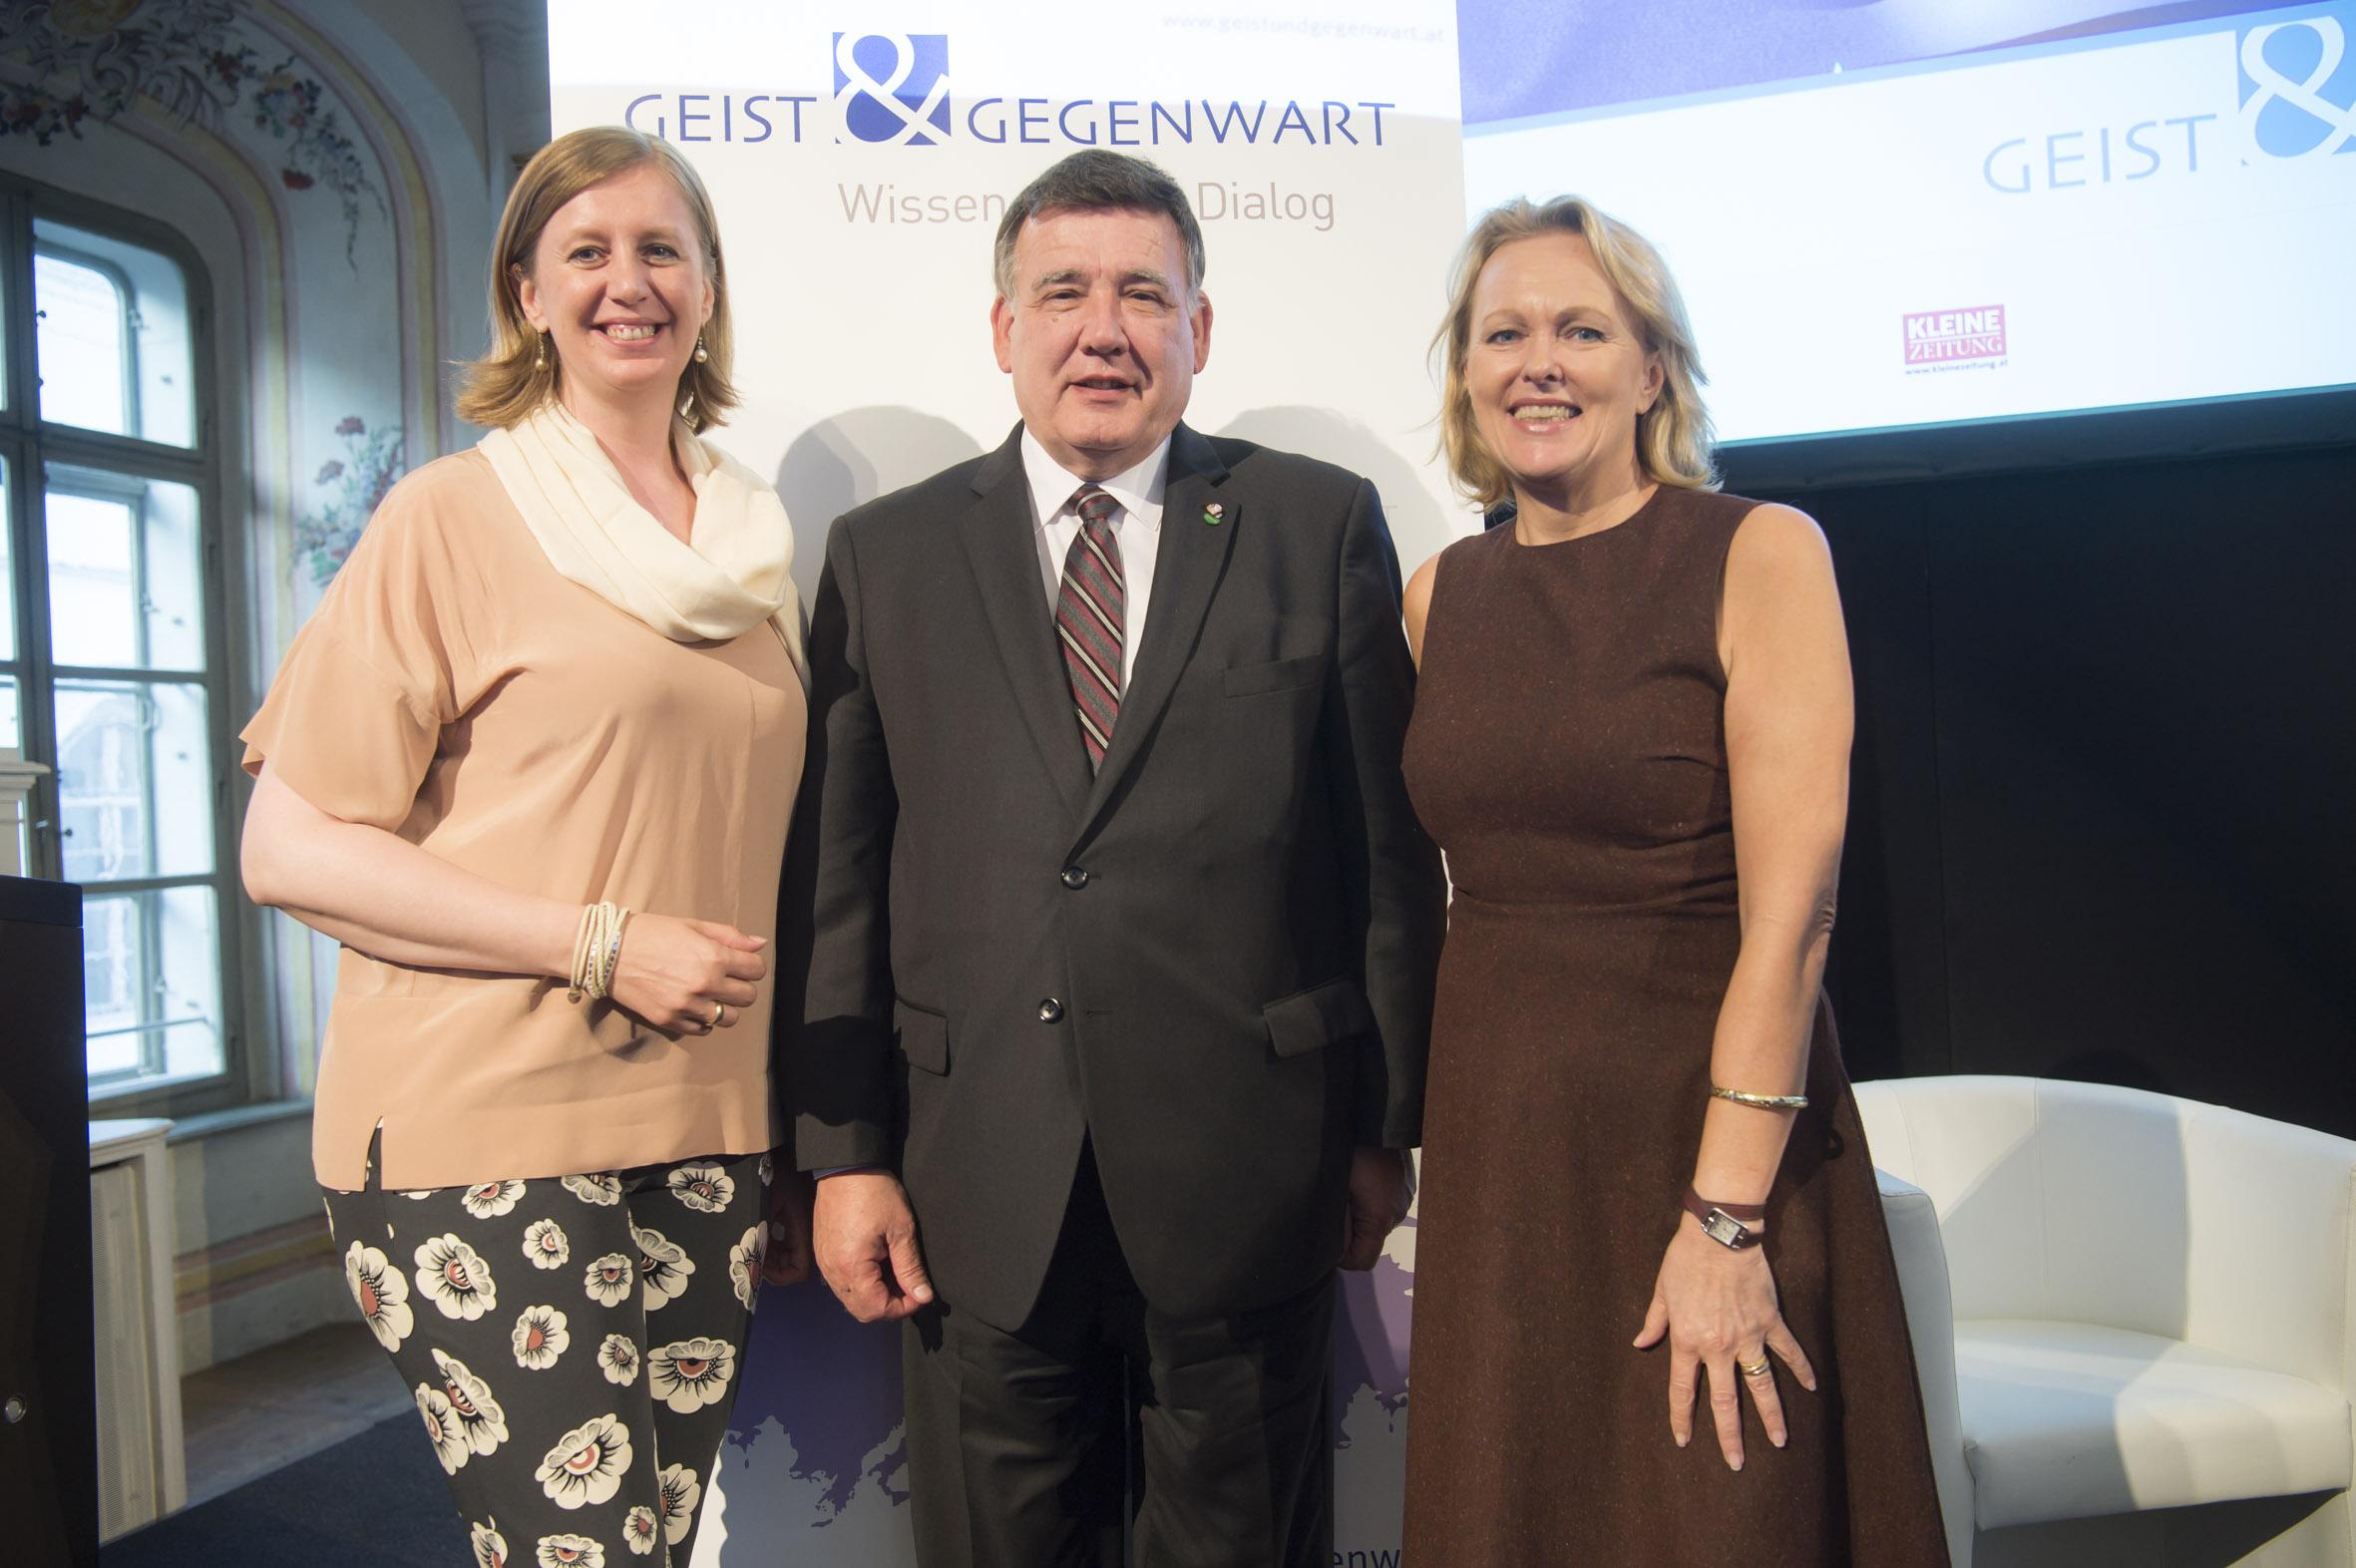 Wissenschafts- und Wirtschaftslandesrätin MMag. Barbara Eibinger-Miedl, US Senator Marc R. Pacheco, Mag. Hannelore Veit